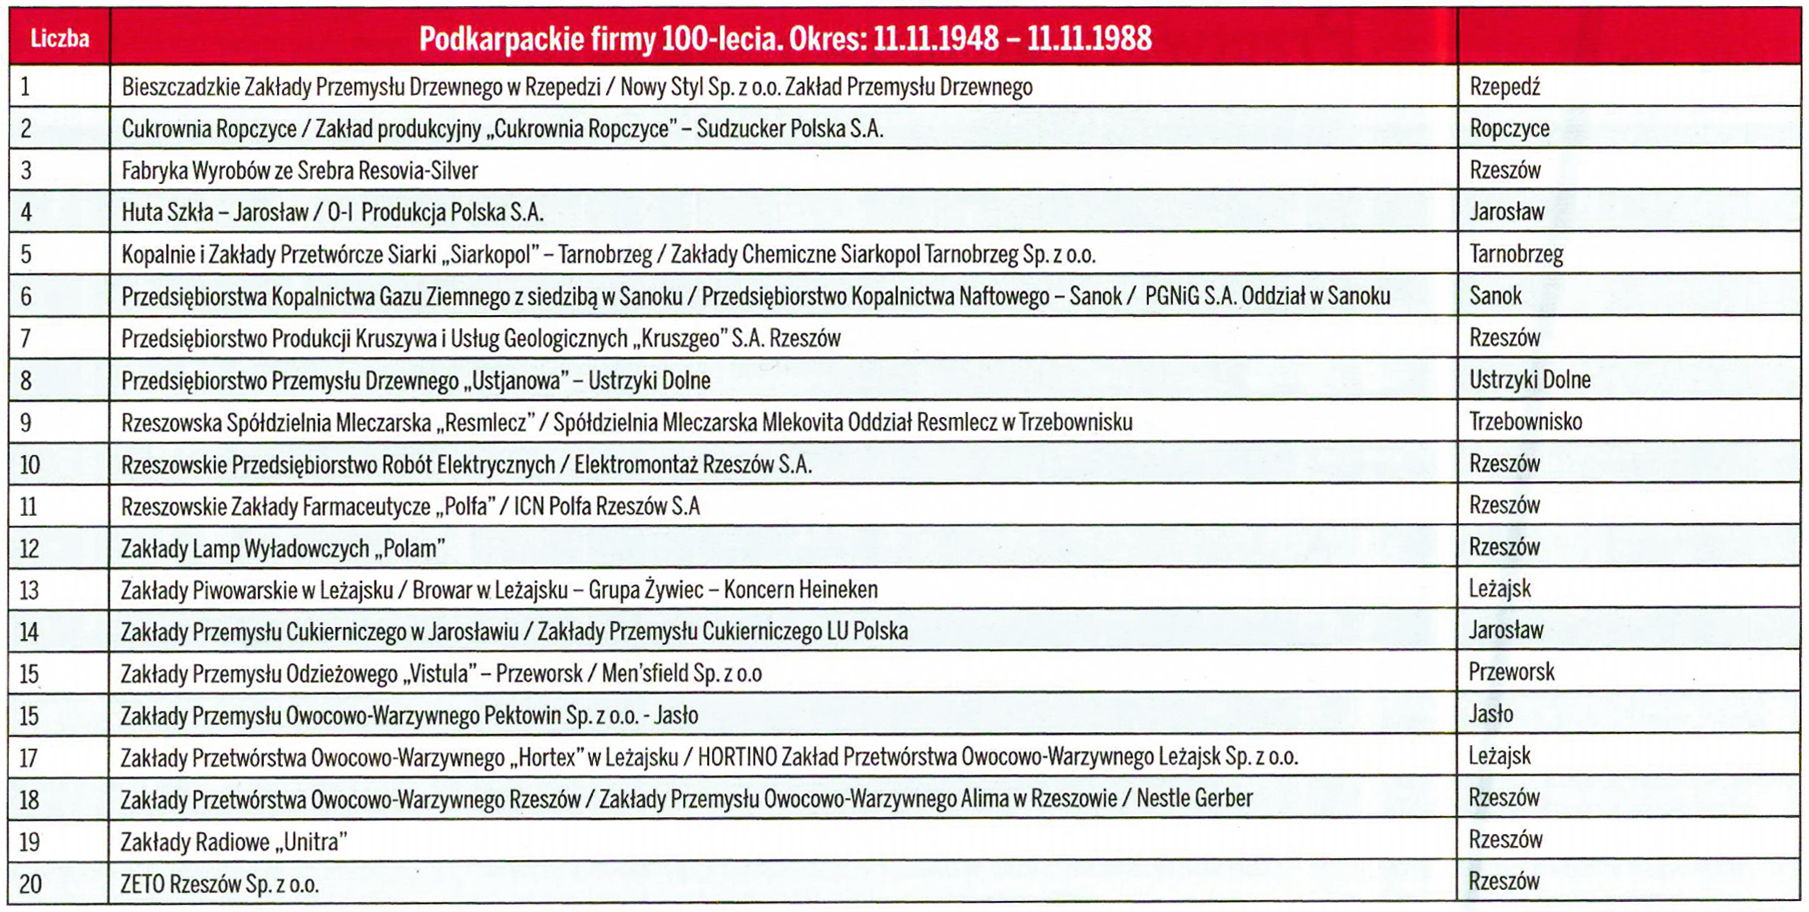 złota setka największych przedsiębiorstw Podkarpacia